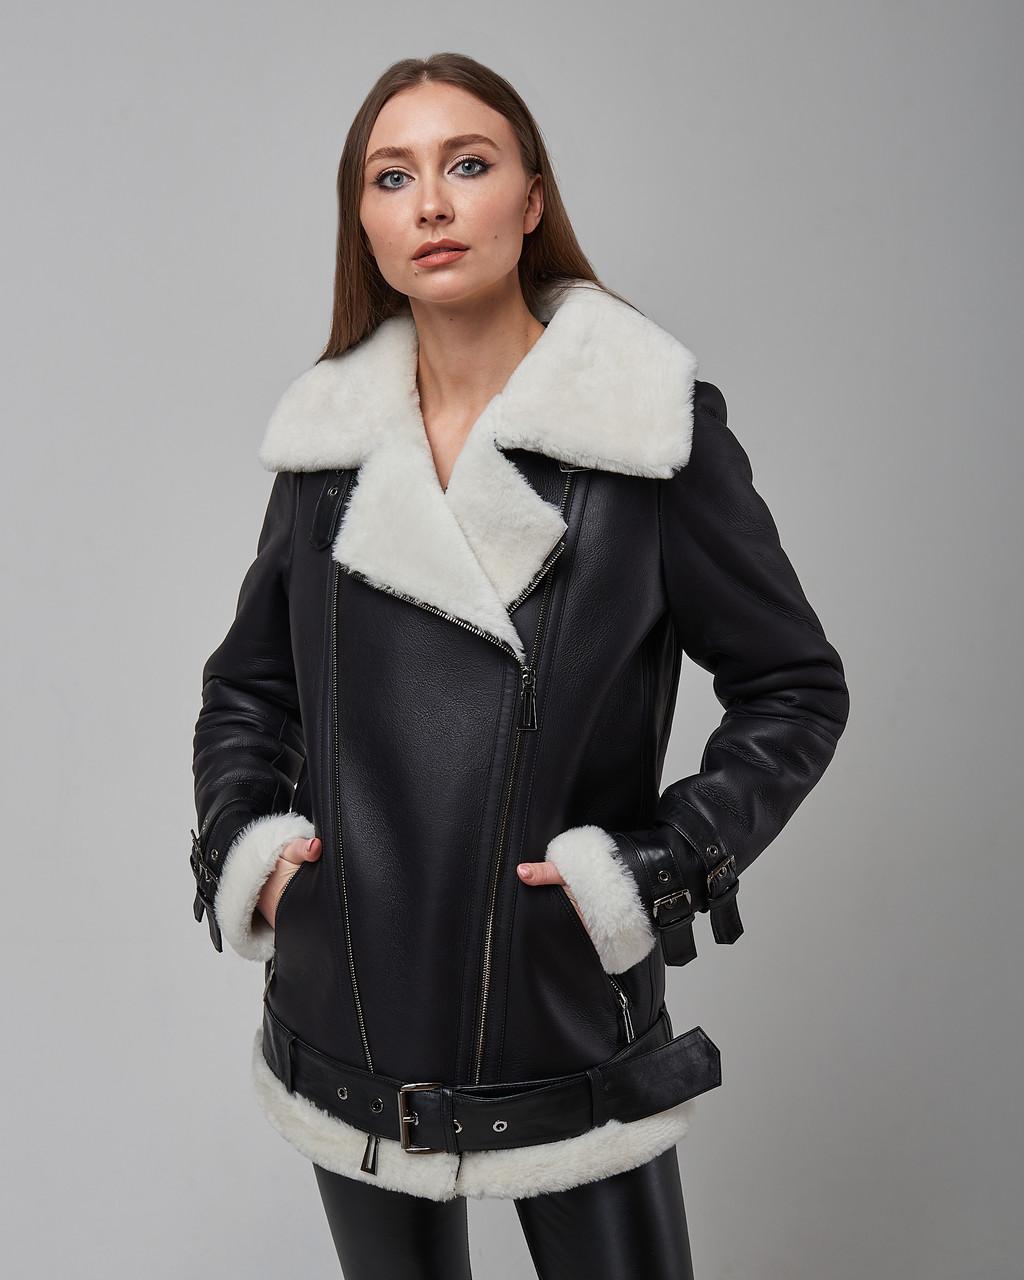 Дубленка косуха женская из натуральной овчины черная. Турция